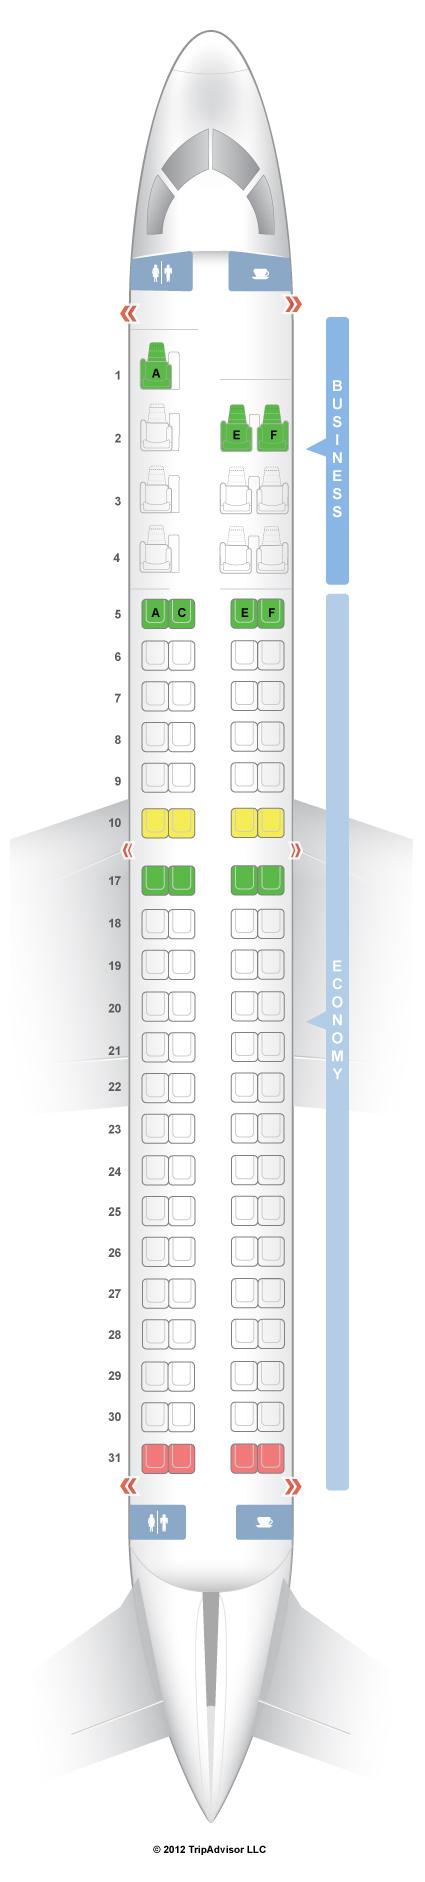 Seatguru Seat Map Copa Airlines Embraer E